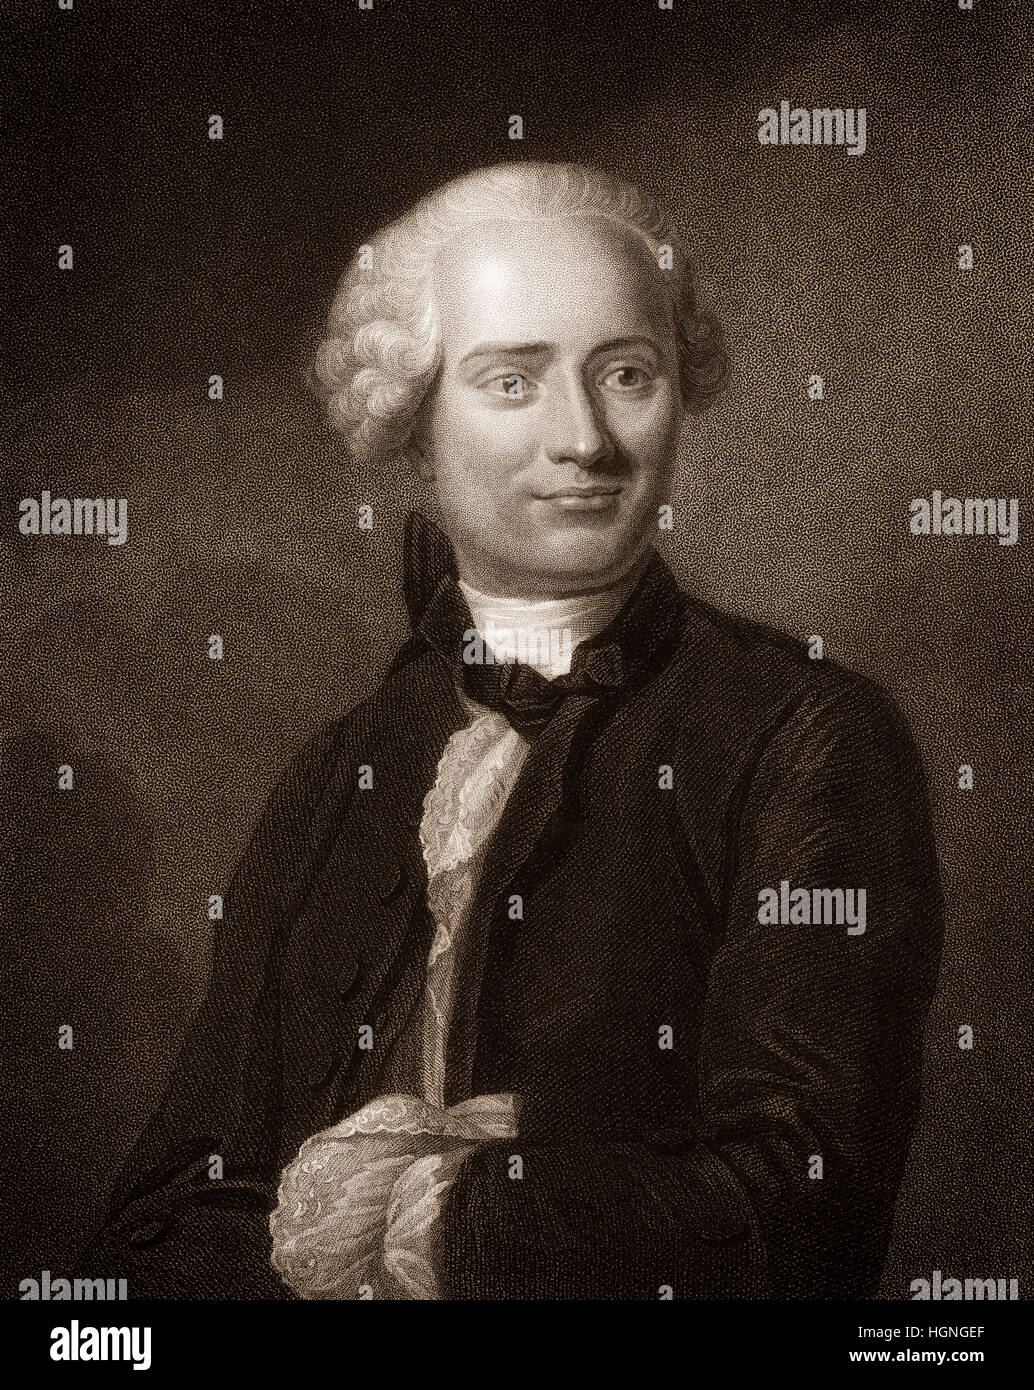 Jean-Baptiste le Rond d'Alembert, 1717-1783, un mathématicien français, scientifique américain, physicien, philosophe Banque D'Images